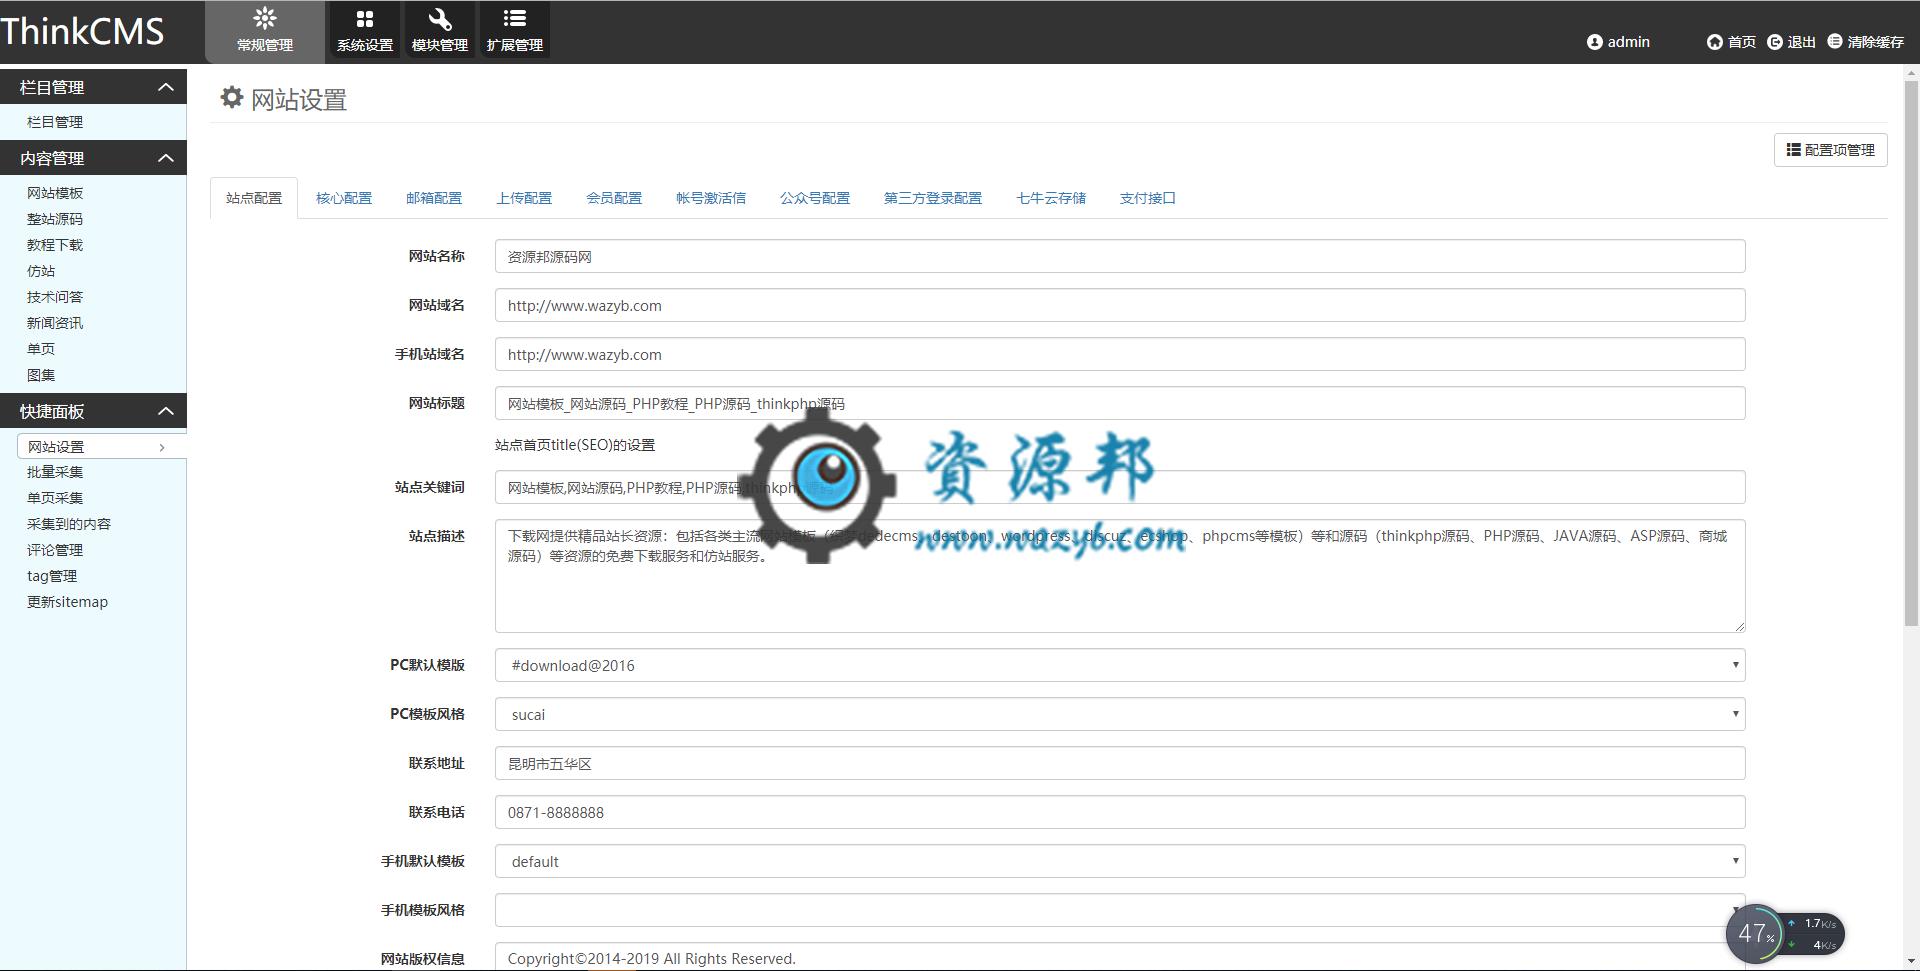 基于ThinkPHP框架开发的仿素材火源码素材资源下载网站PHP源码,支持一键采集,支持微信和支付宝支付 ThinkPHP源码 第12张